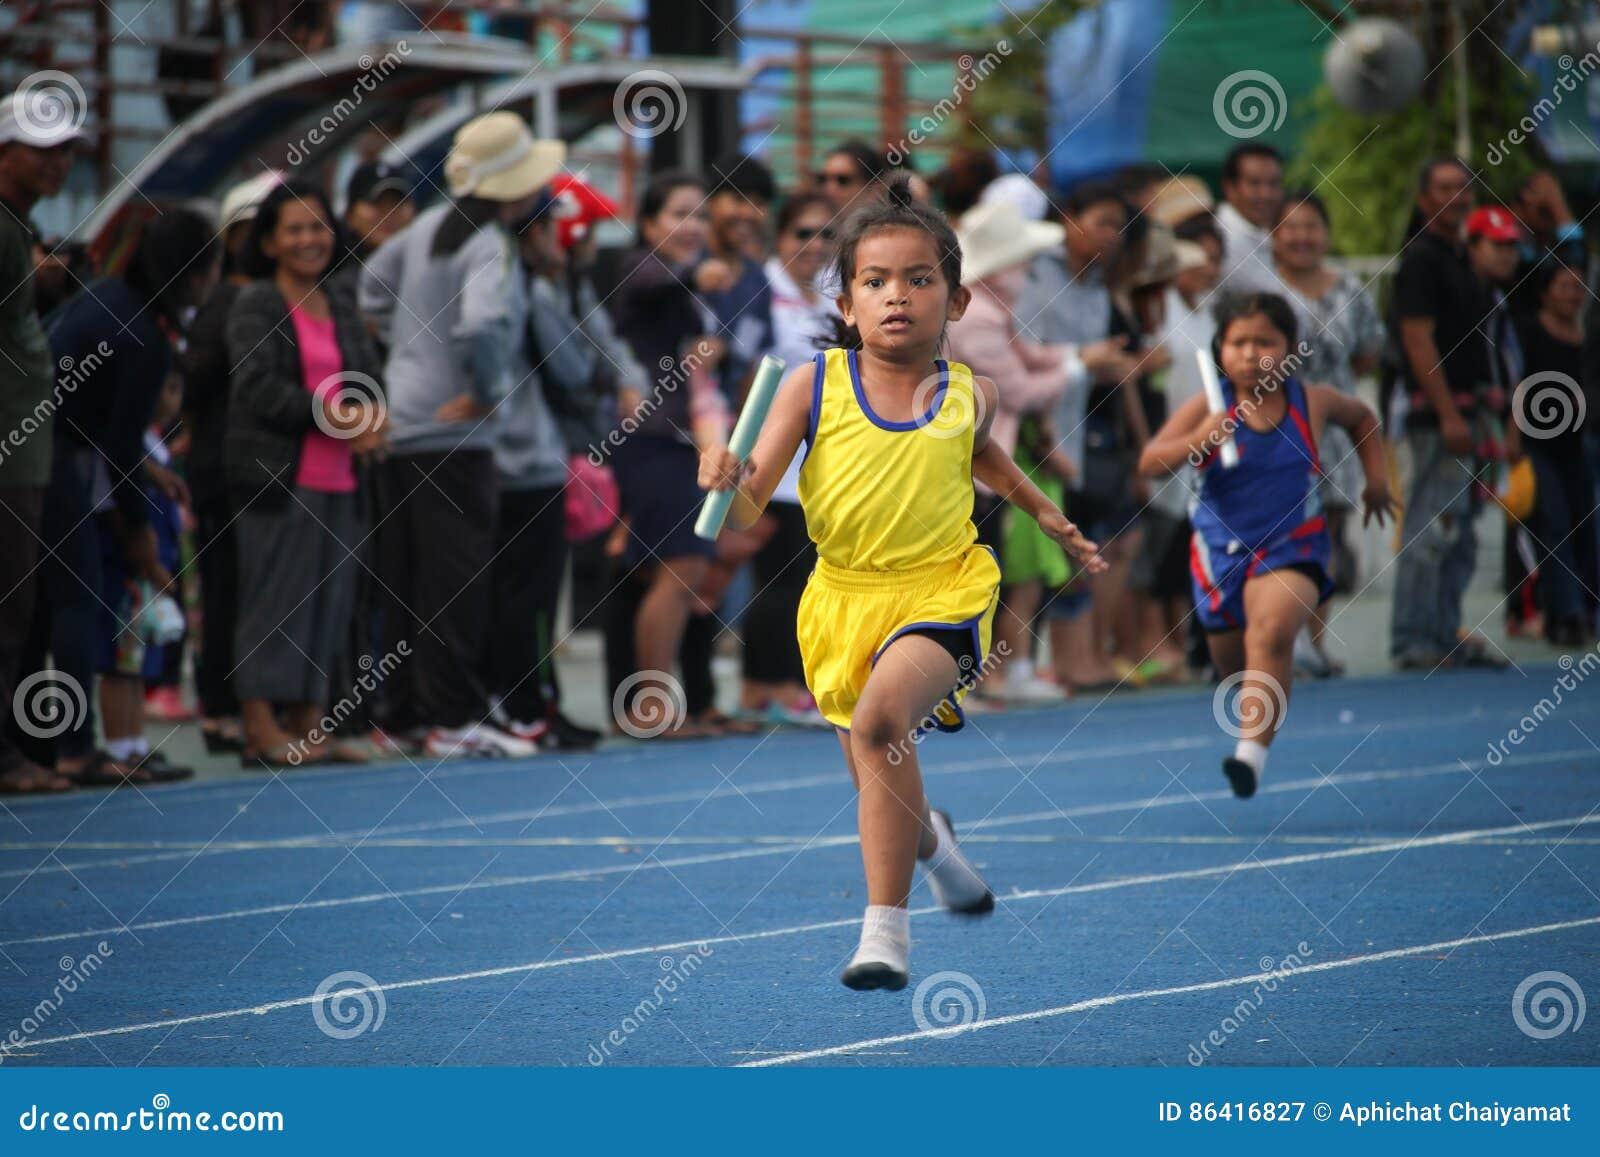 Το σχολικό αγόρι τρέχει κατά τη διάρκεια της φυλής ηλεκτρονόμων του φεστιβάλ αθλητικής ημέρας